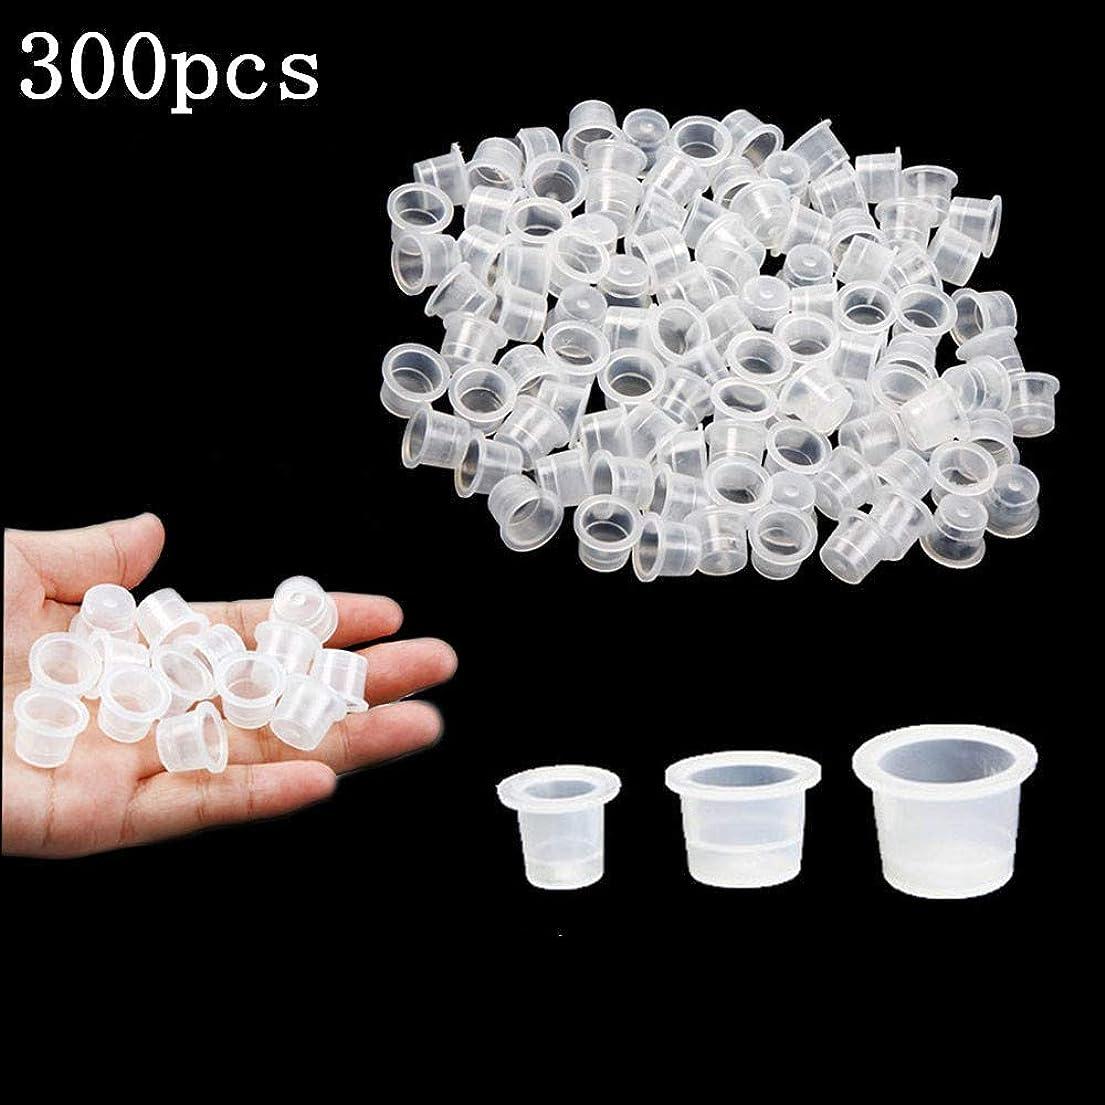 ソケットビリー注入Kingsie インクキャップ 300個セット タトゥーインクカップ 使い捨て ホワイト 半透明 S/M/L